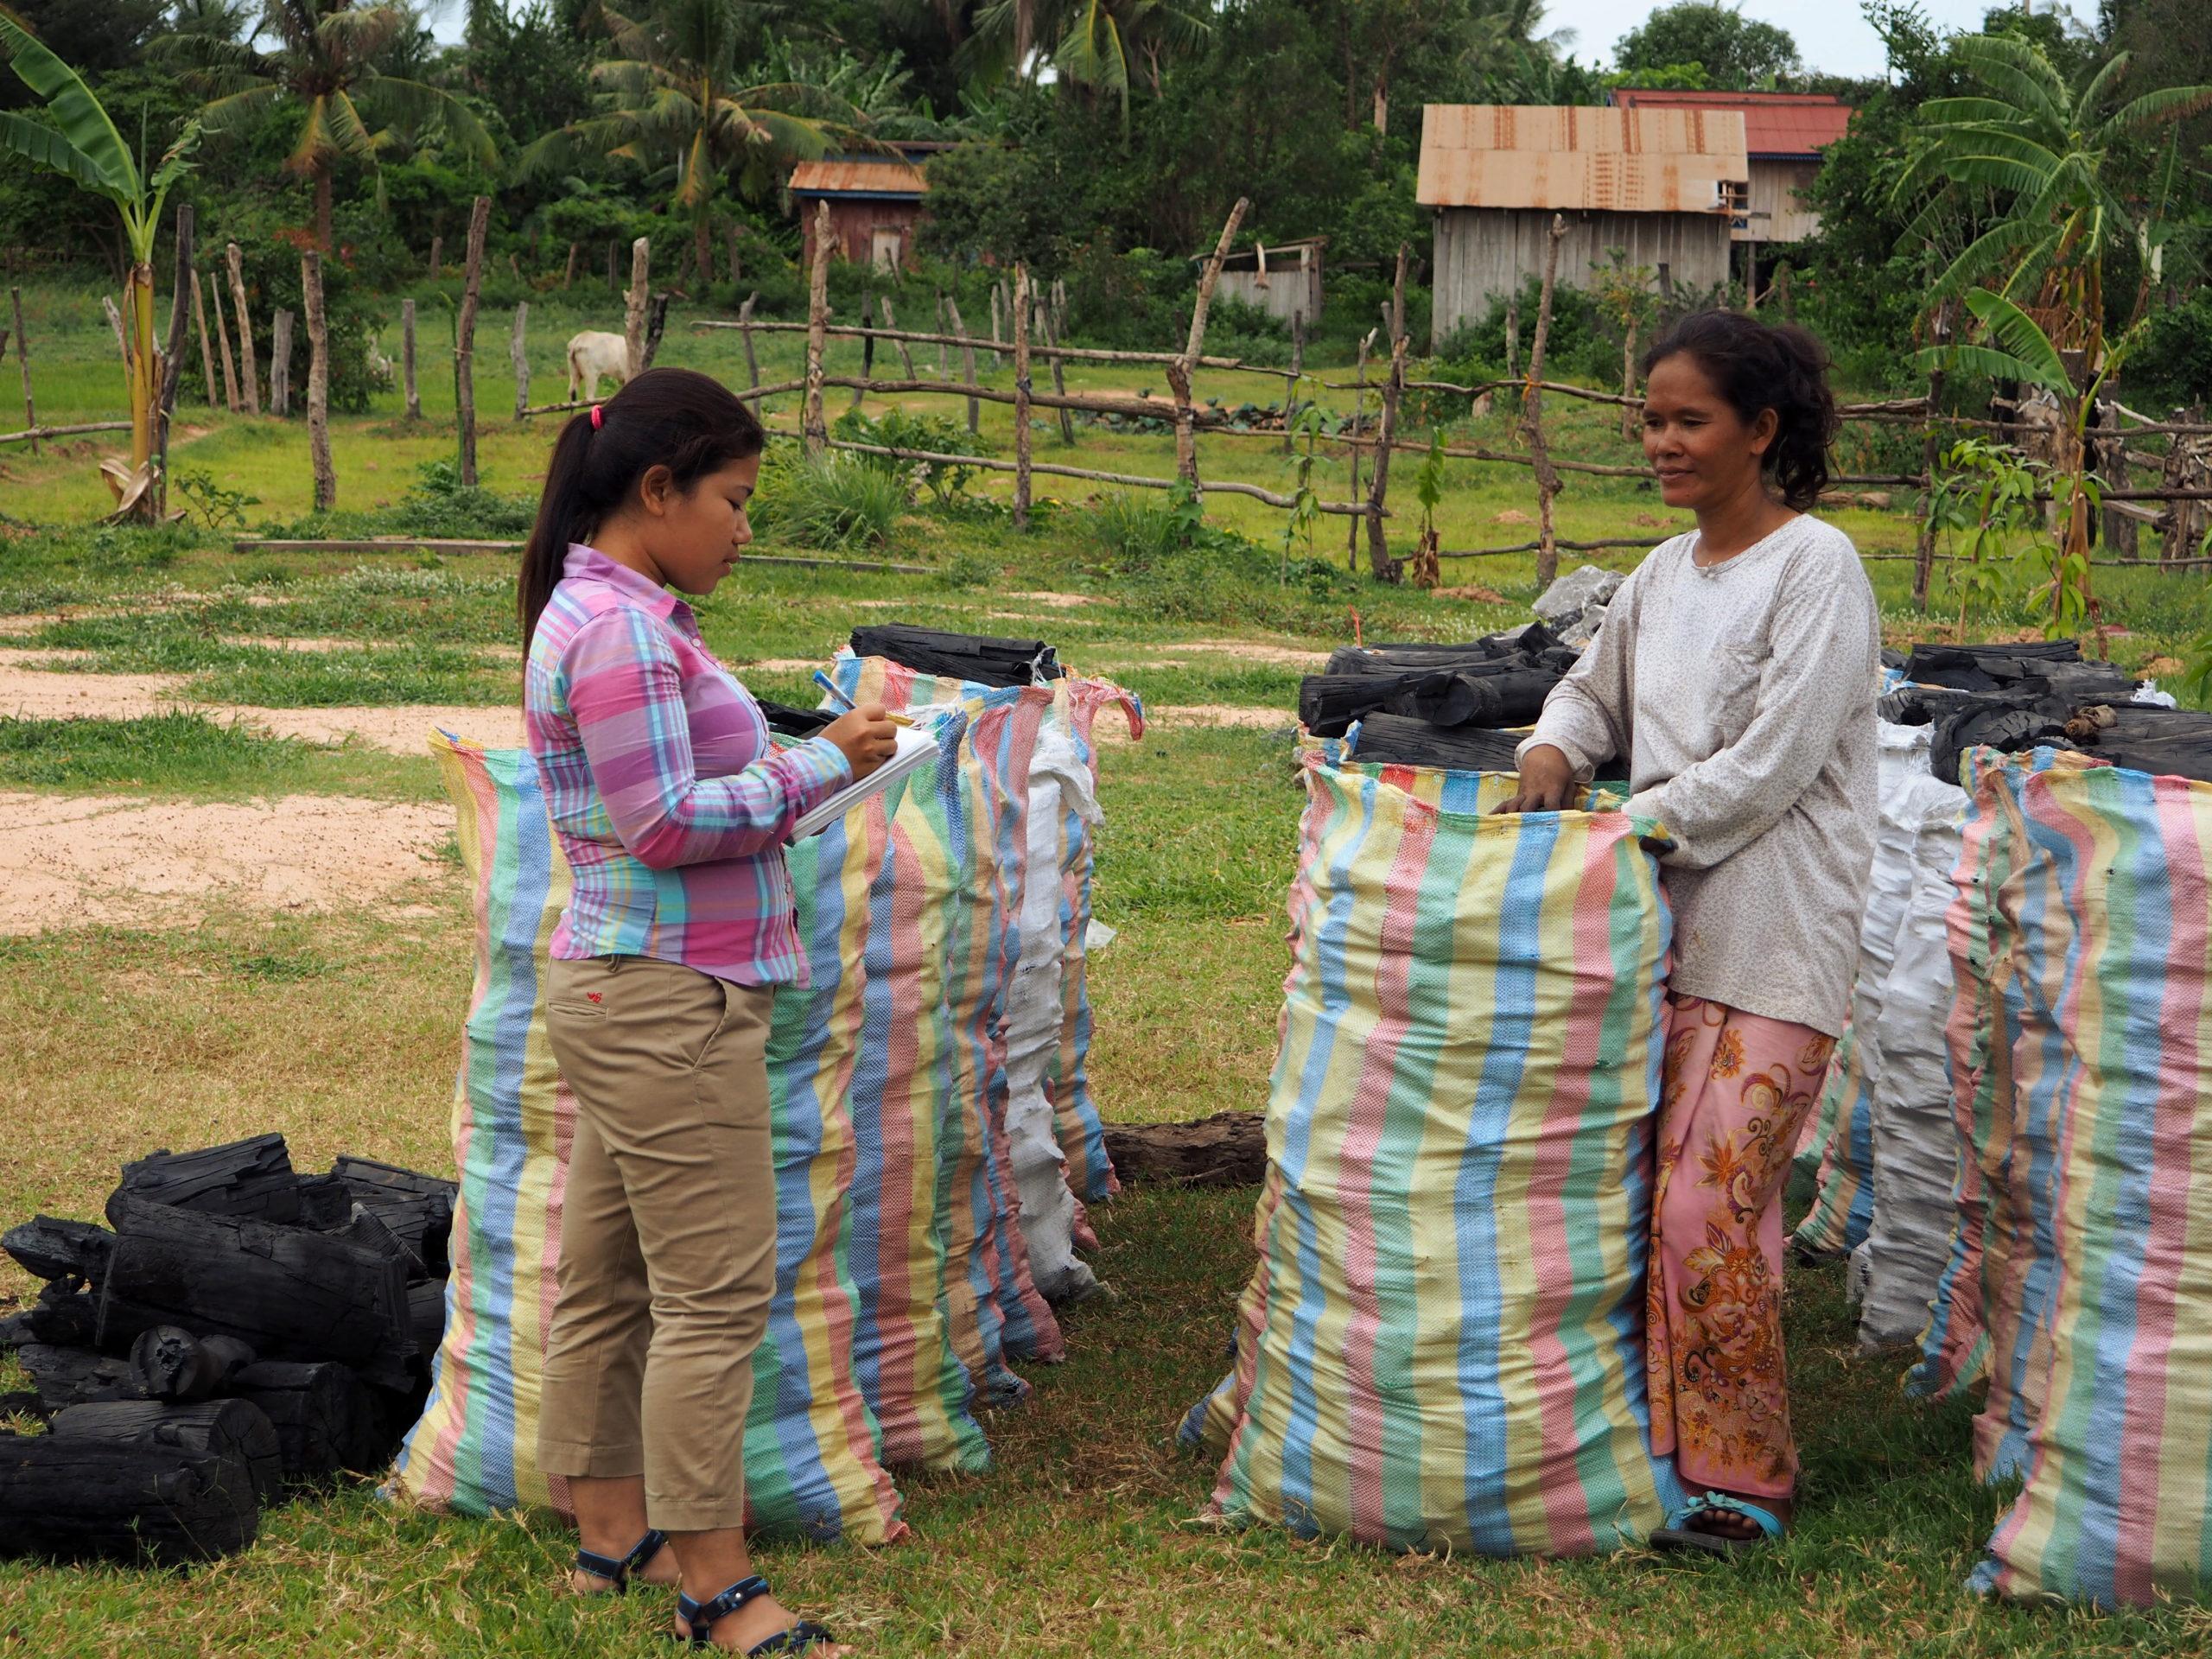 Femmes engagées cambodge charbon de bois durable cambodge